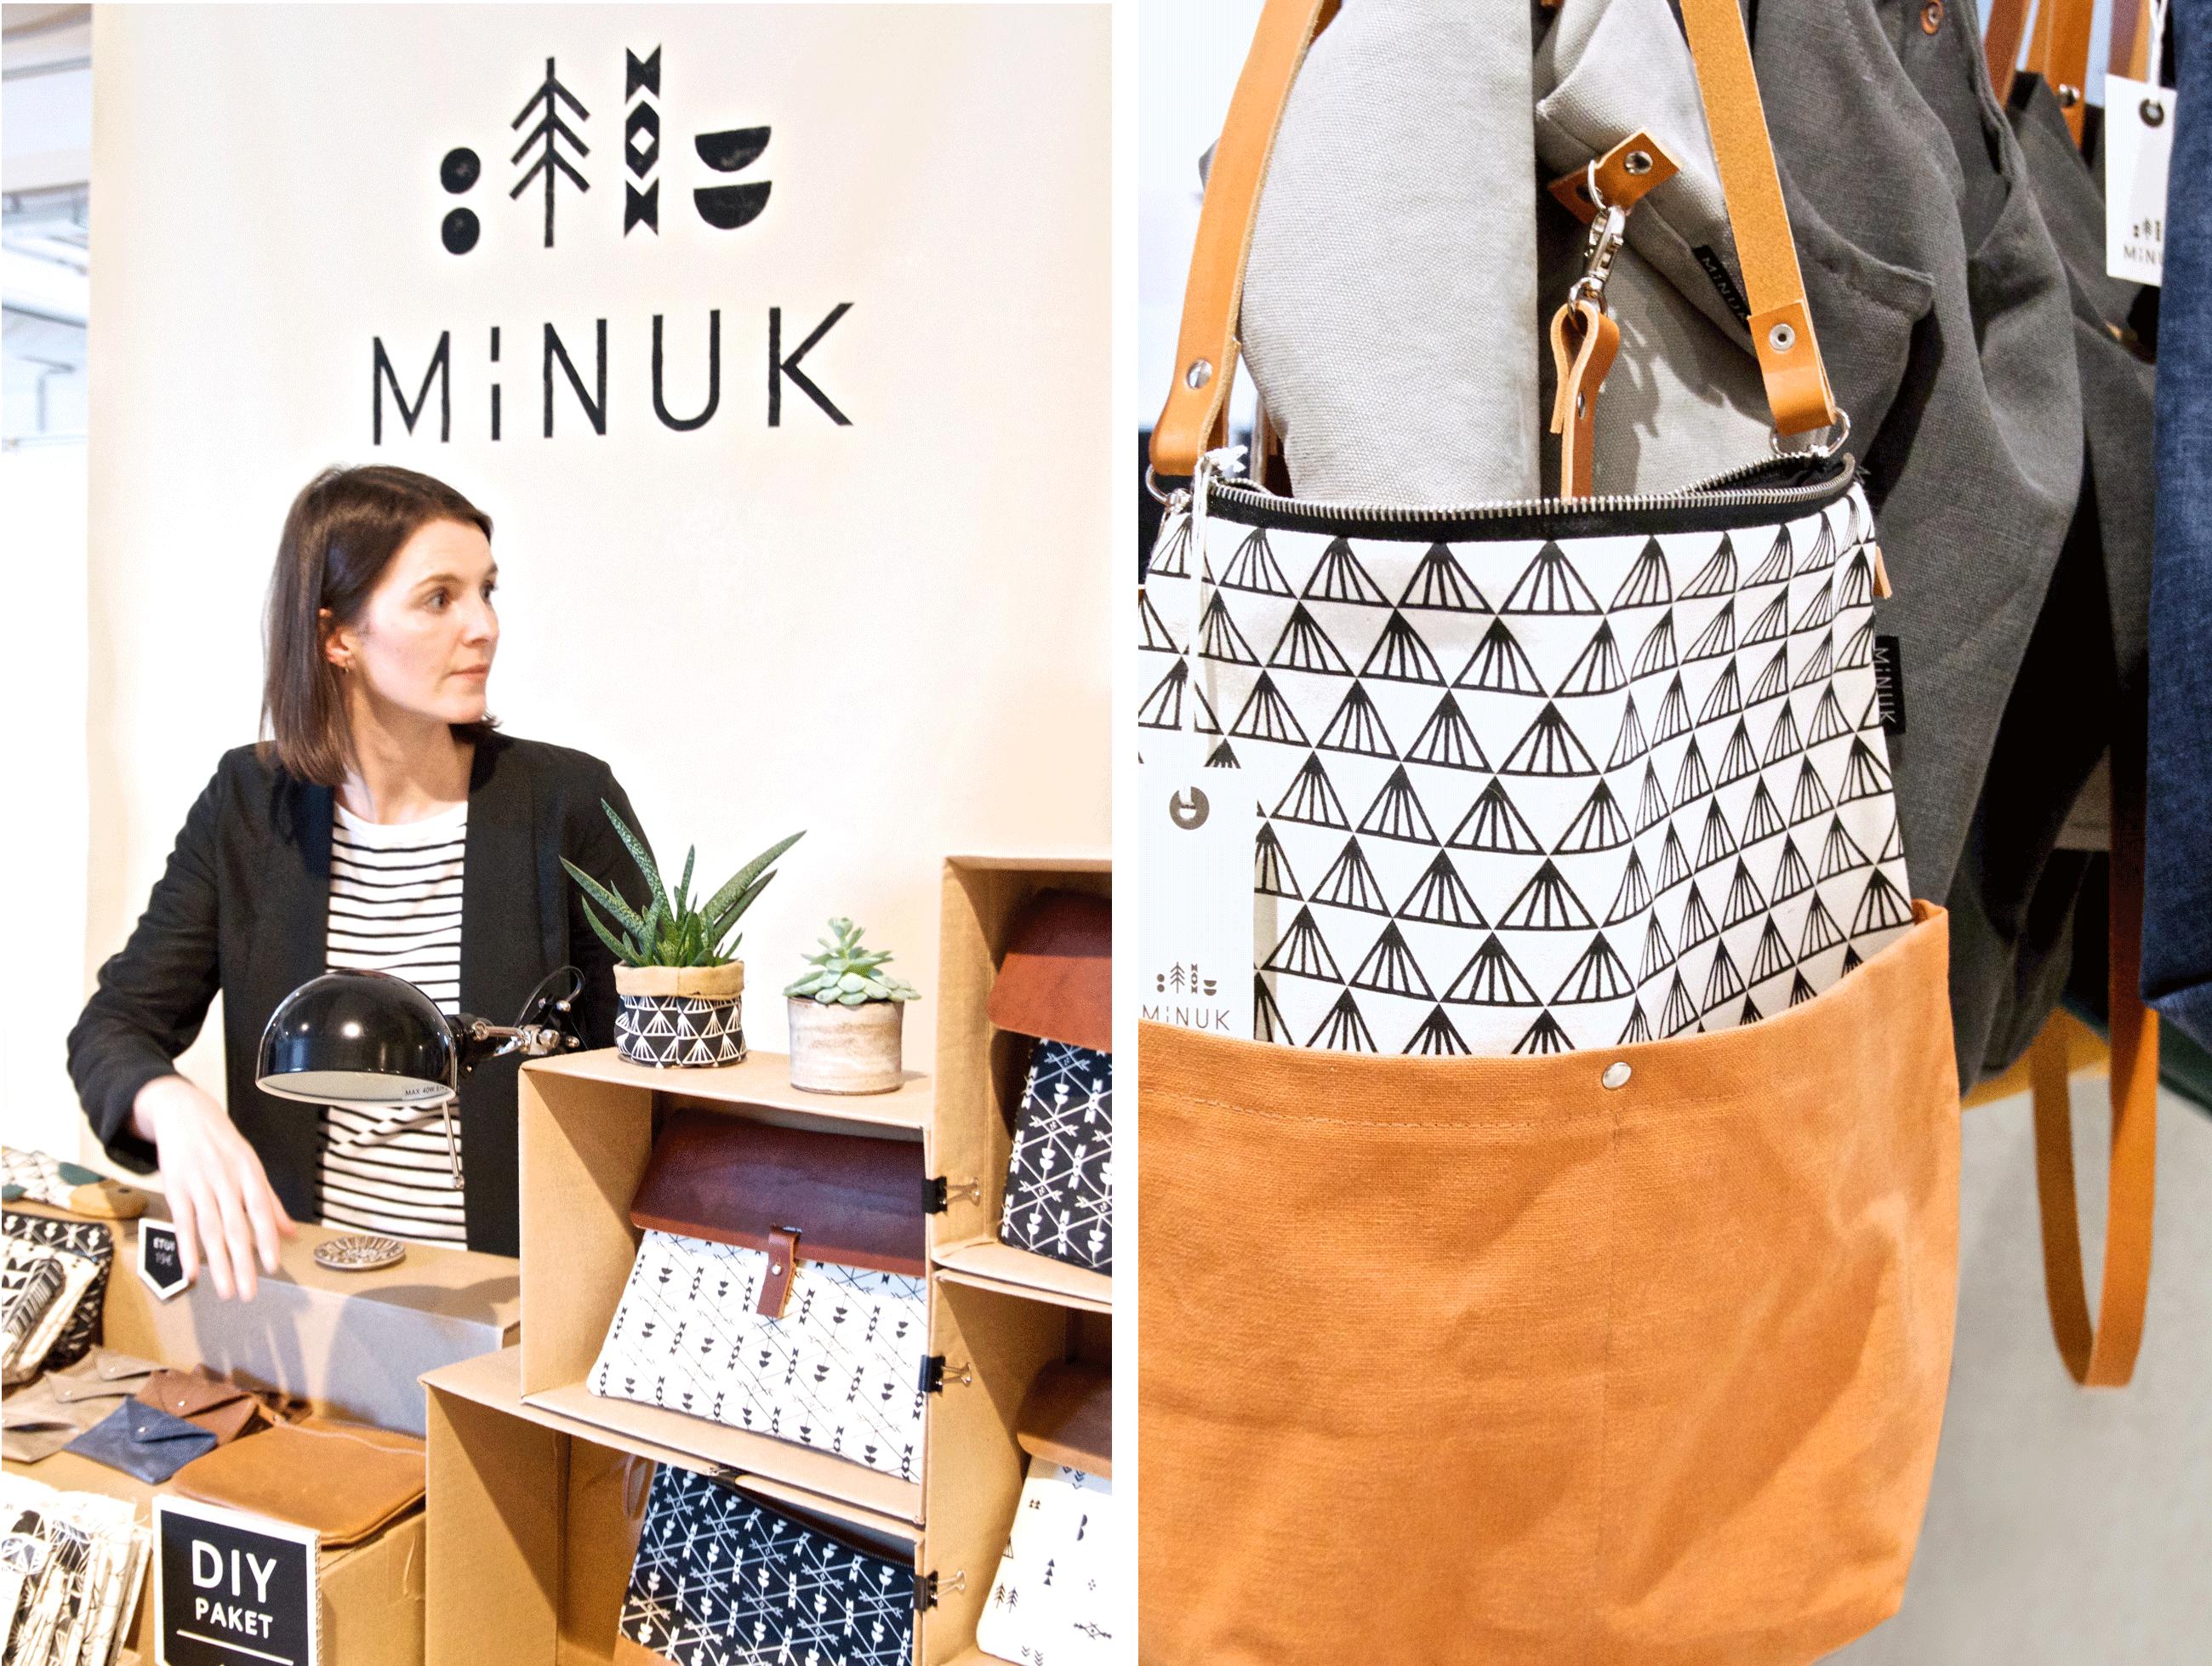 Minuk-Besonders-Schön-Markt